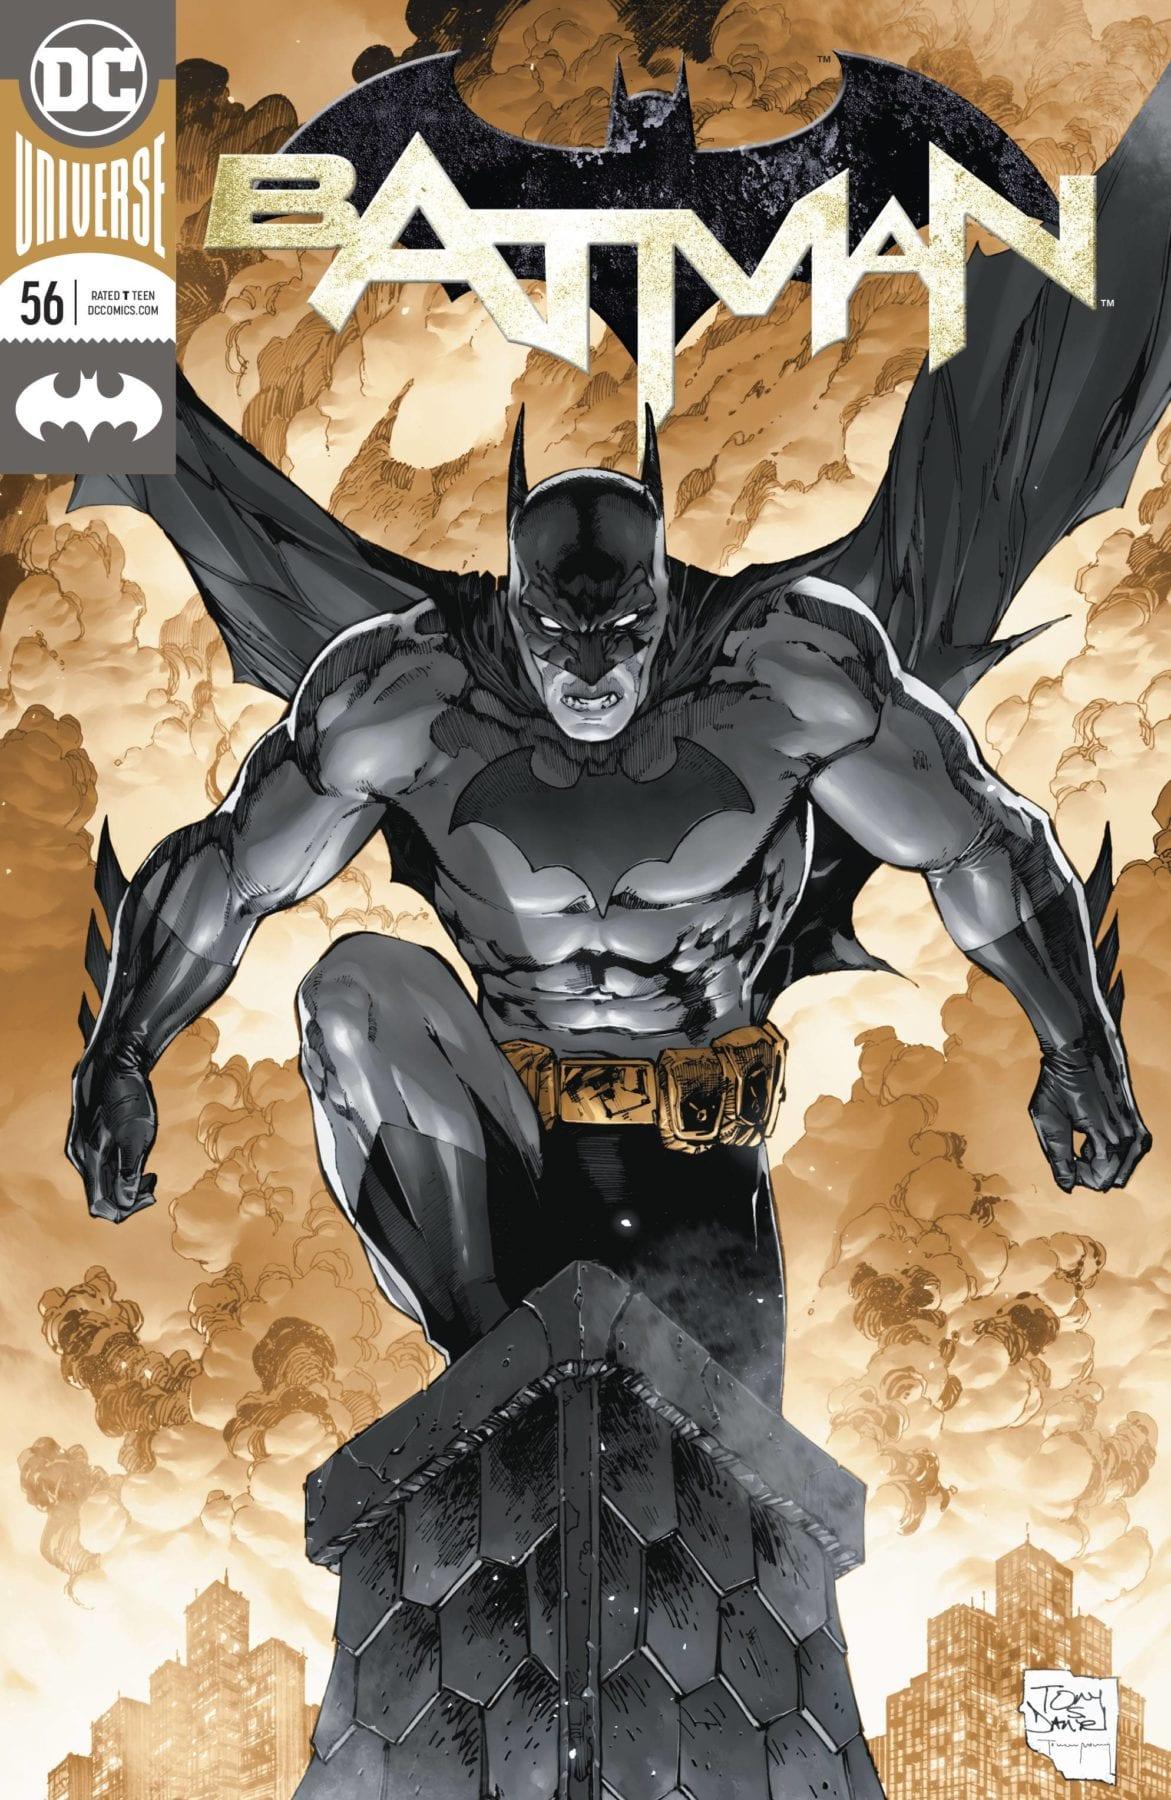 Batman encabeza los cómics y novelas gráficas más vendidos de octubre de 2018